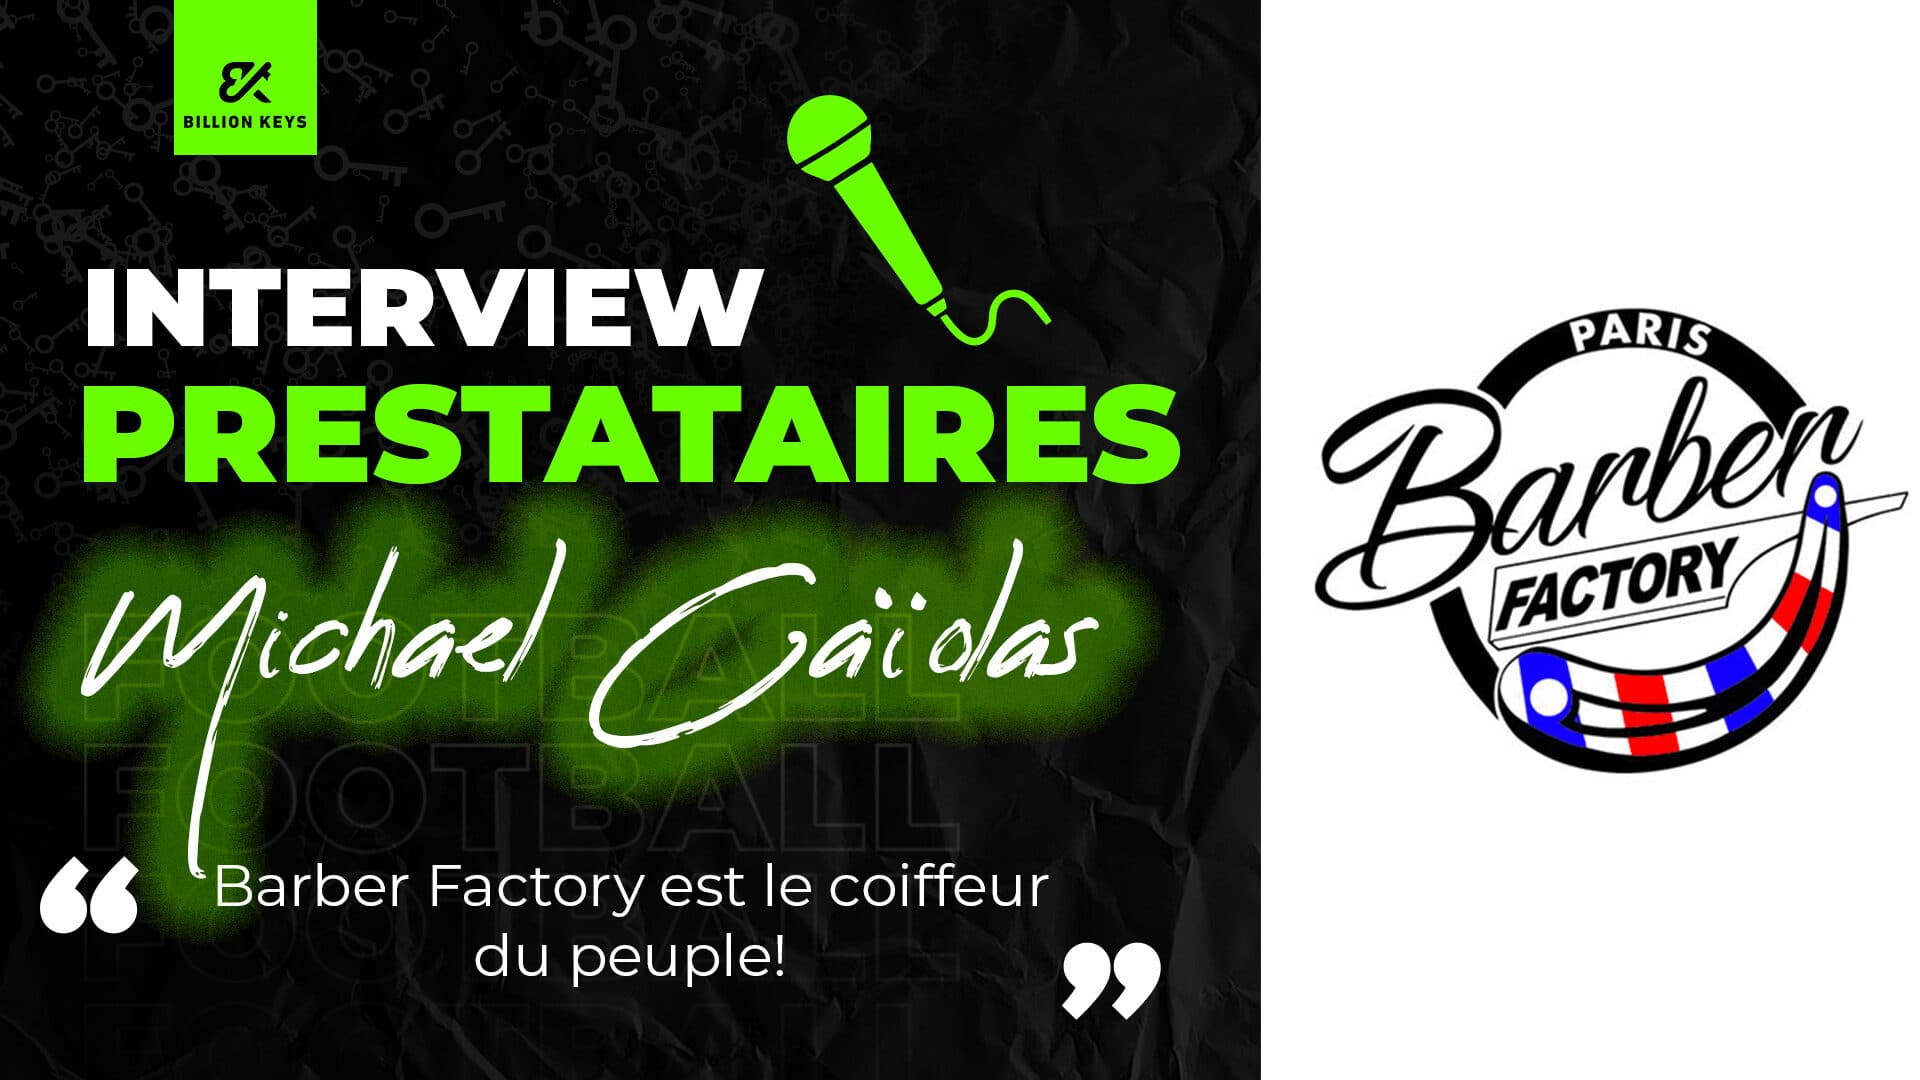 interview-mickael-caiolas-barber-factory-billion-keys